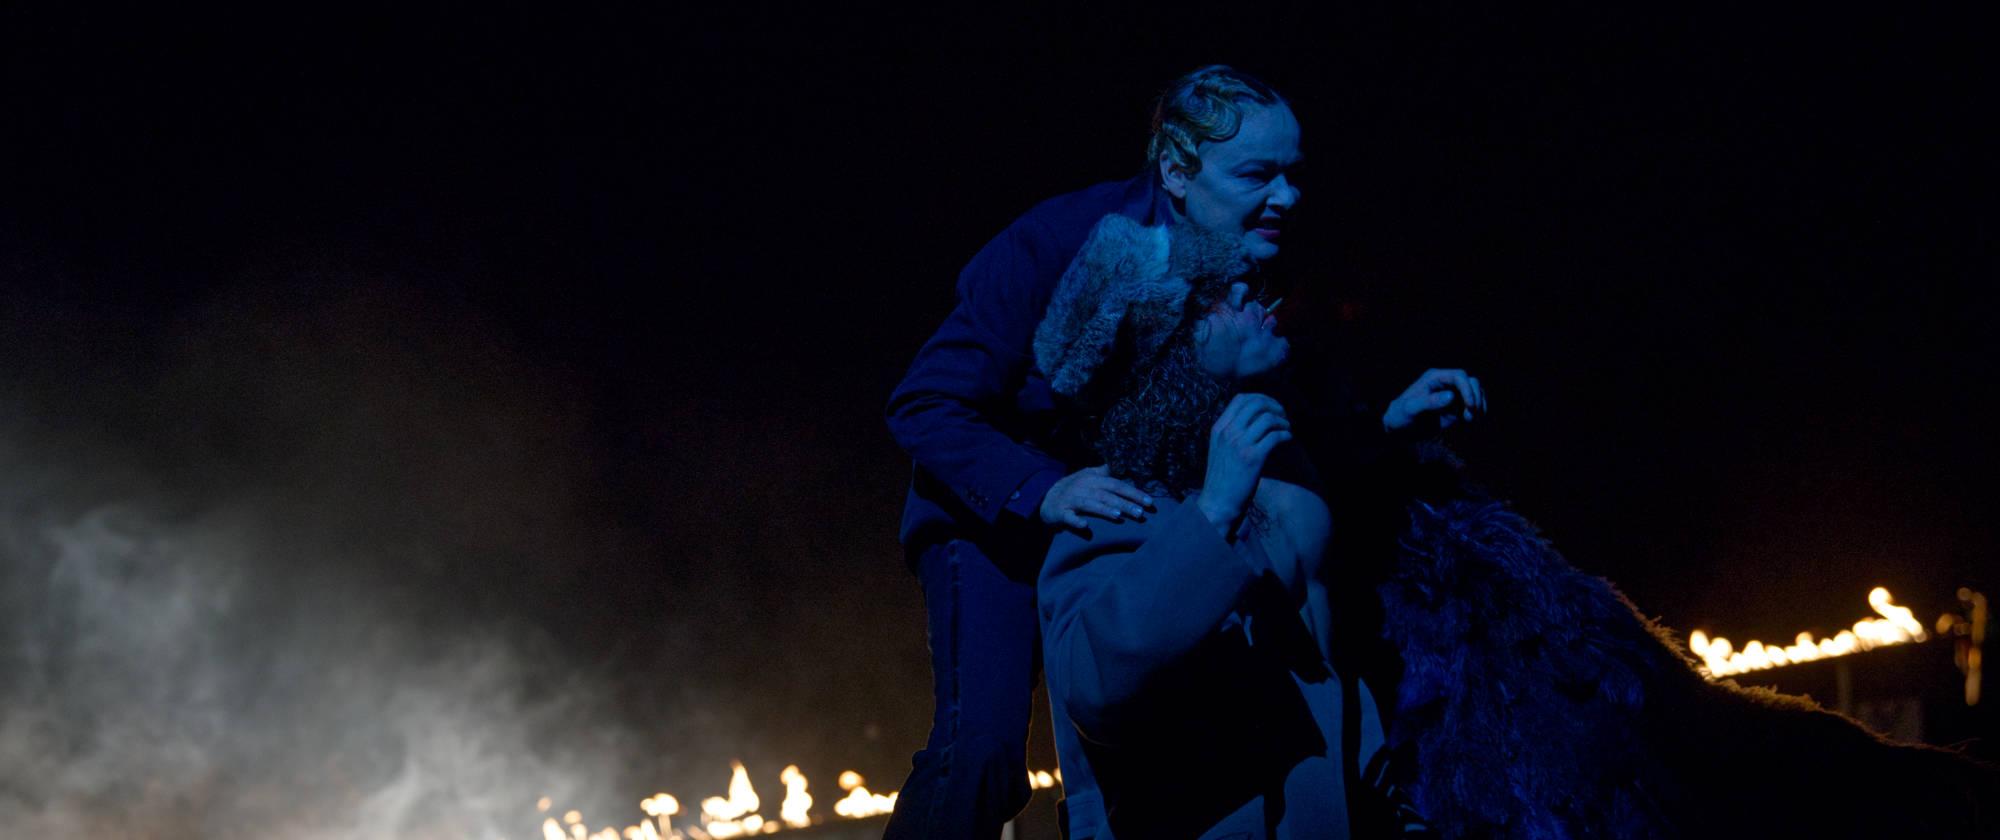 014-BLACK-RIDER-Staatstheater-Cottbus-Regie-und-Buehne-Malte-Kreutzfeldt-2019-photo-c-Marlies-Kross-2019